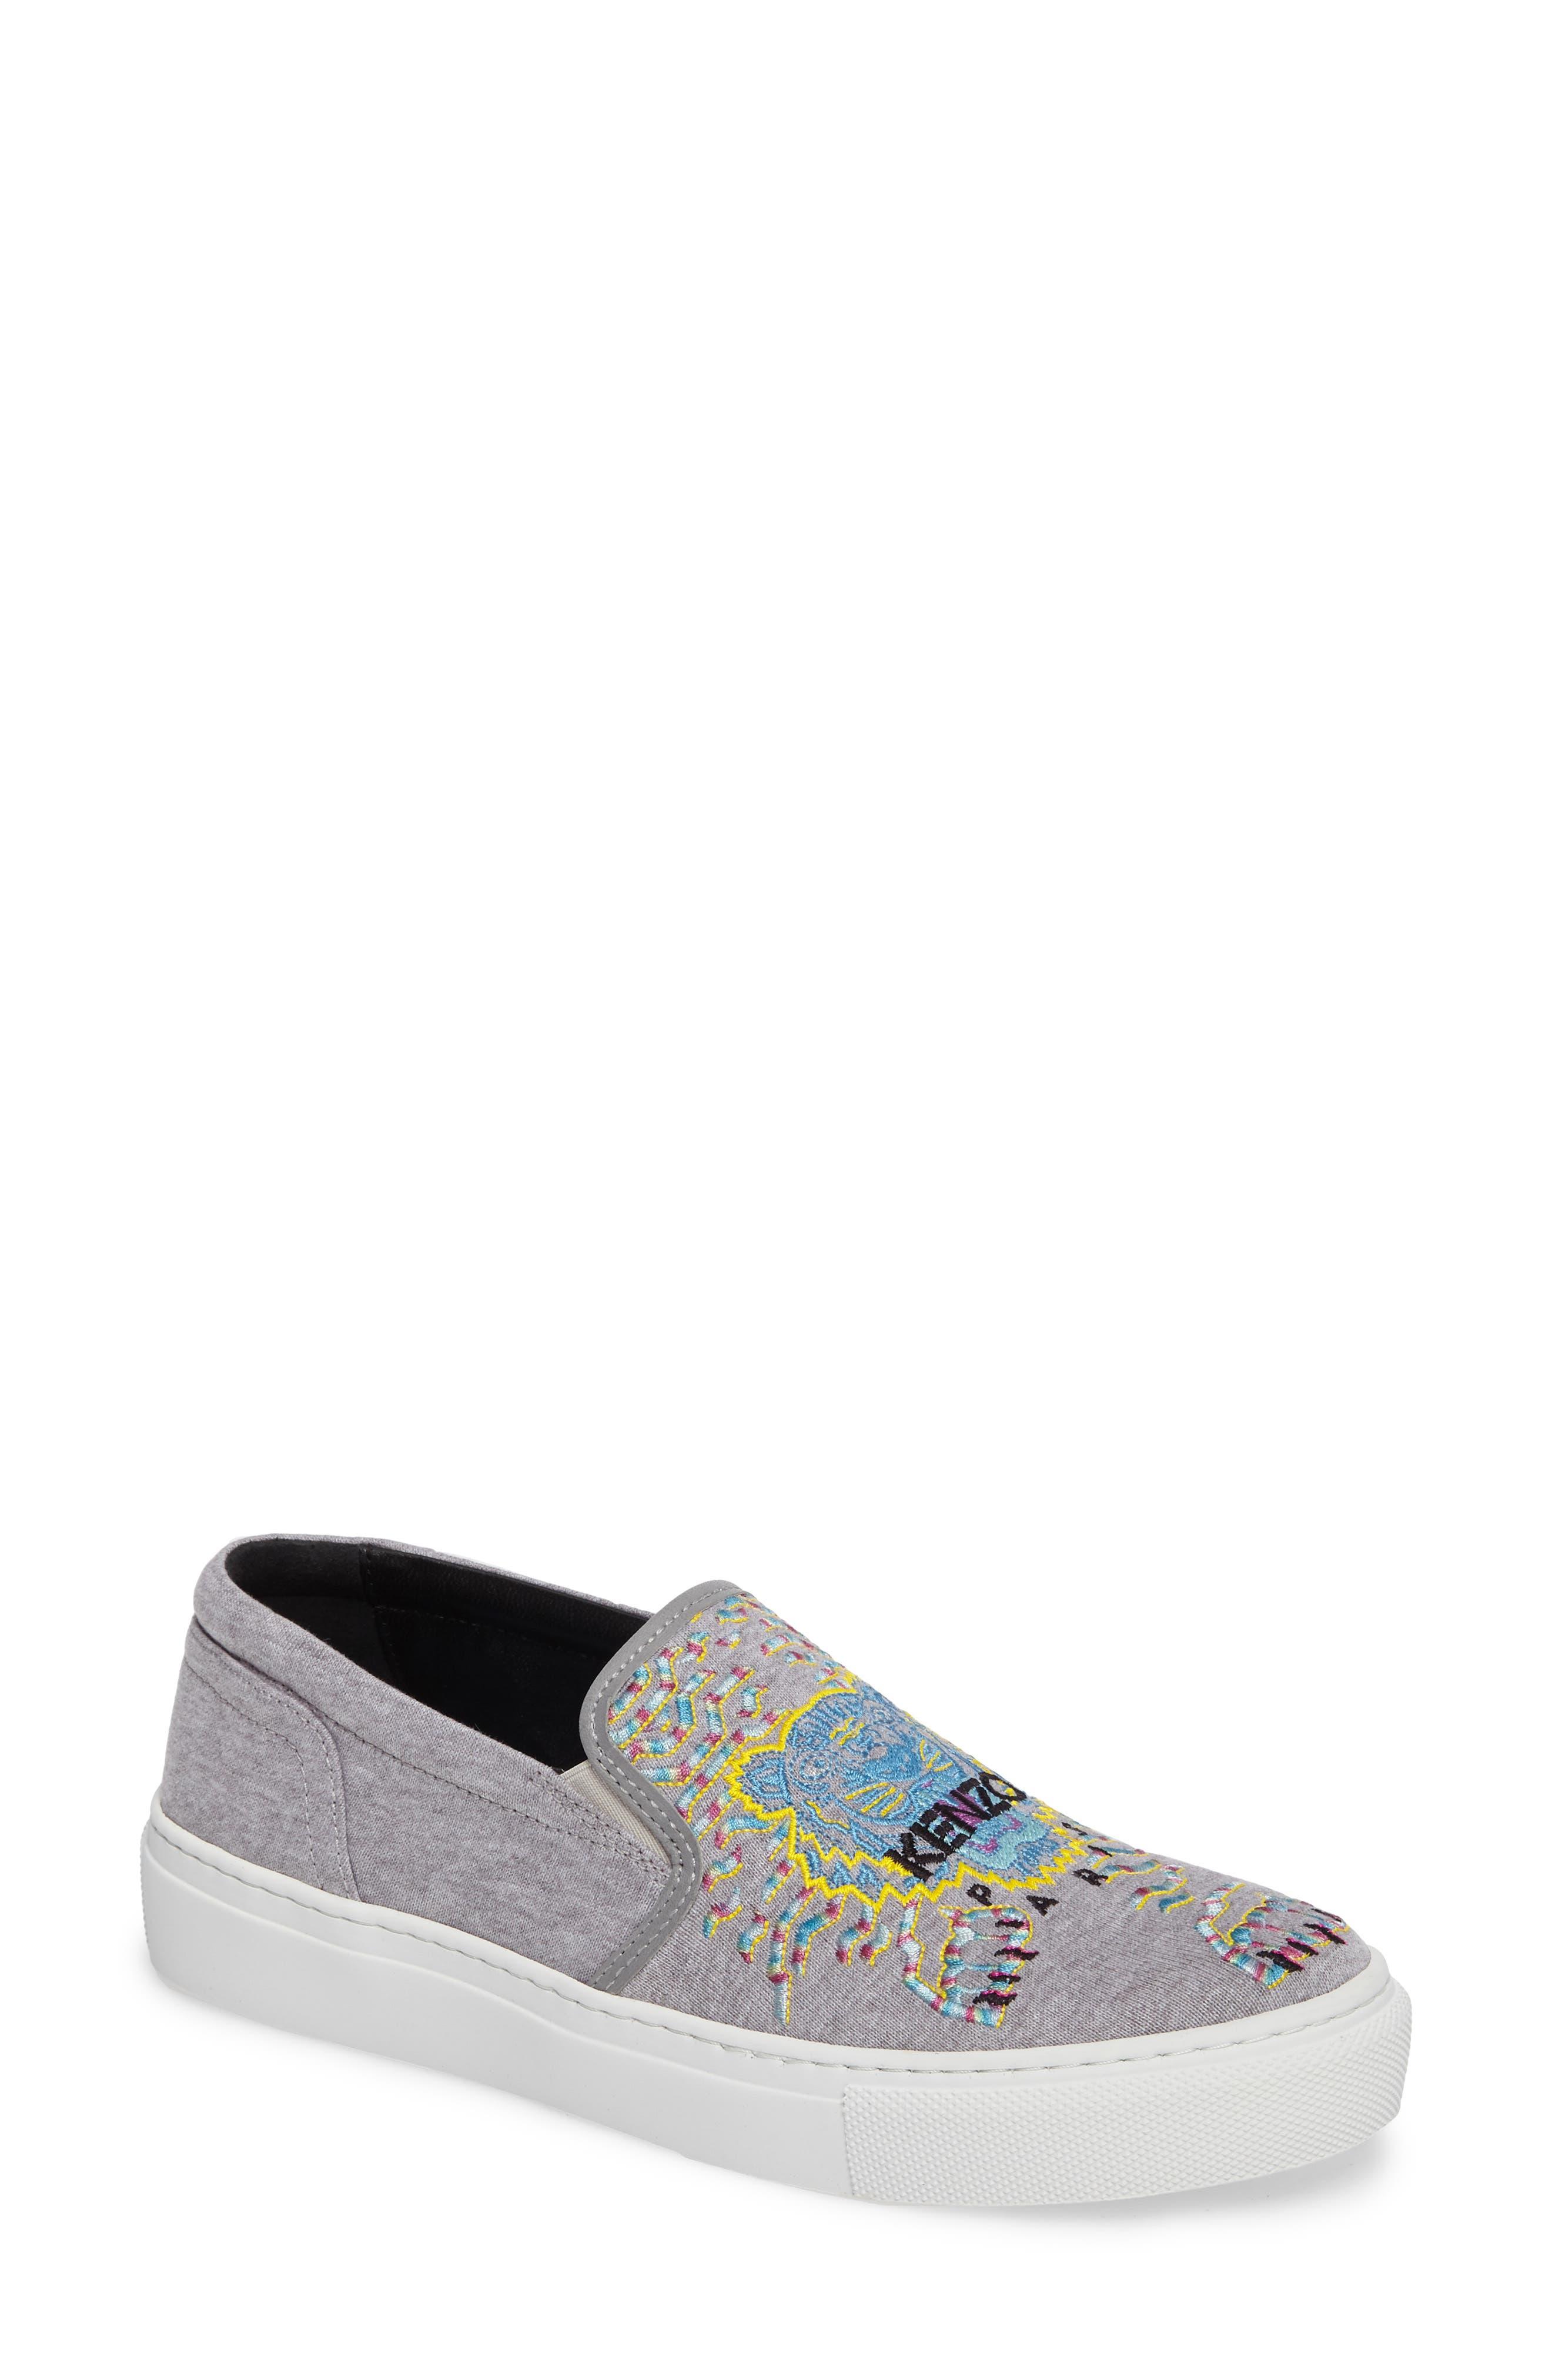 Alternate Image 1 Selected - KENZO K Skate Embroidered Slip-On Sneaker (Women)